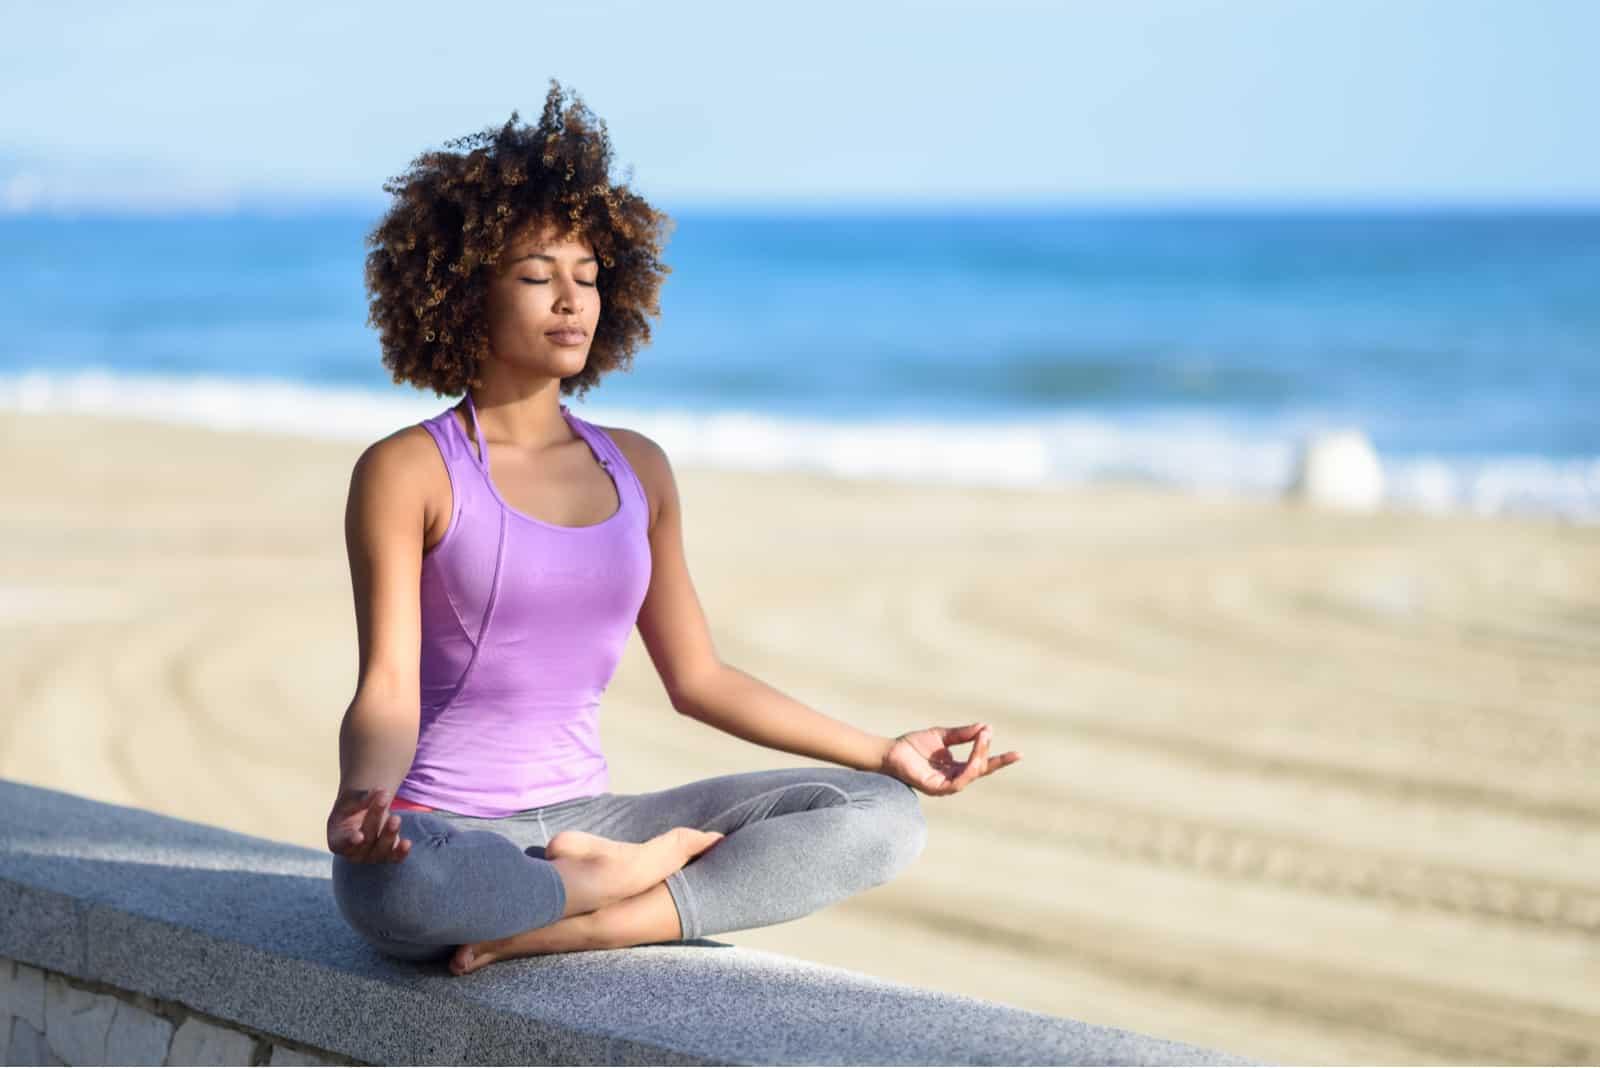 Frau meditiert am Strand mit geschlossenen Augen